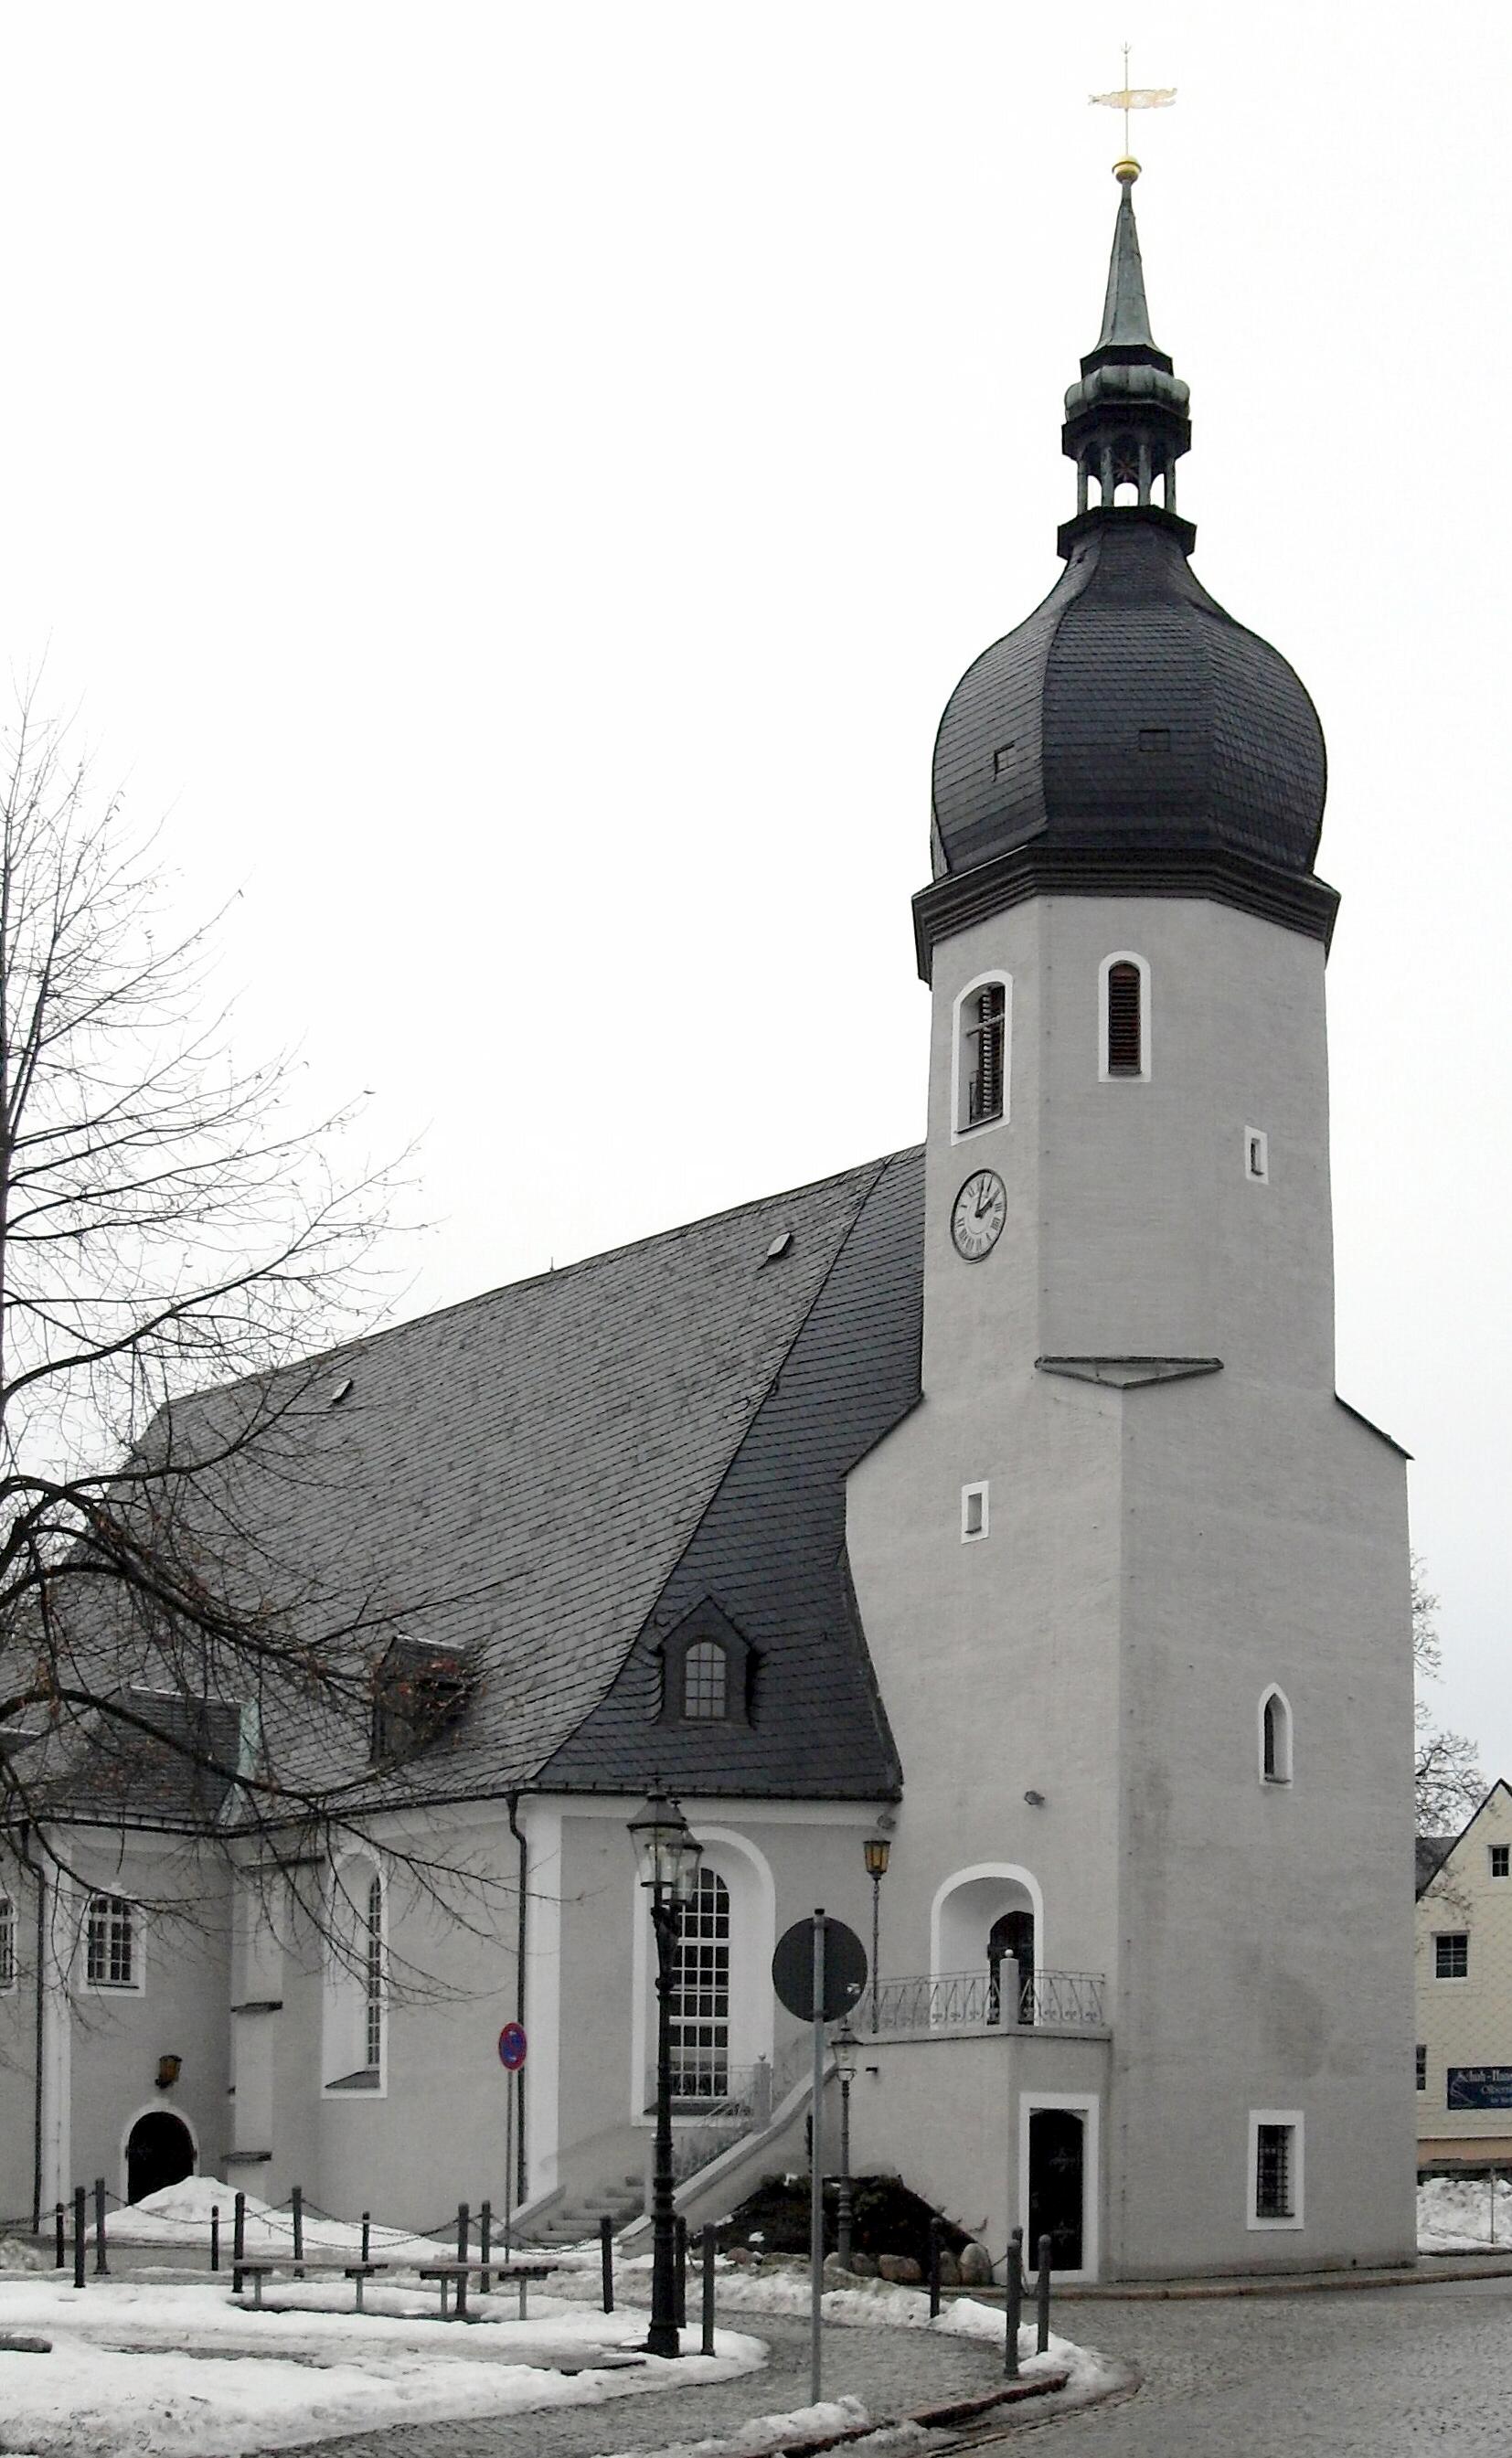 Olbernhau